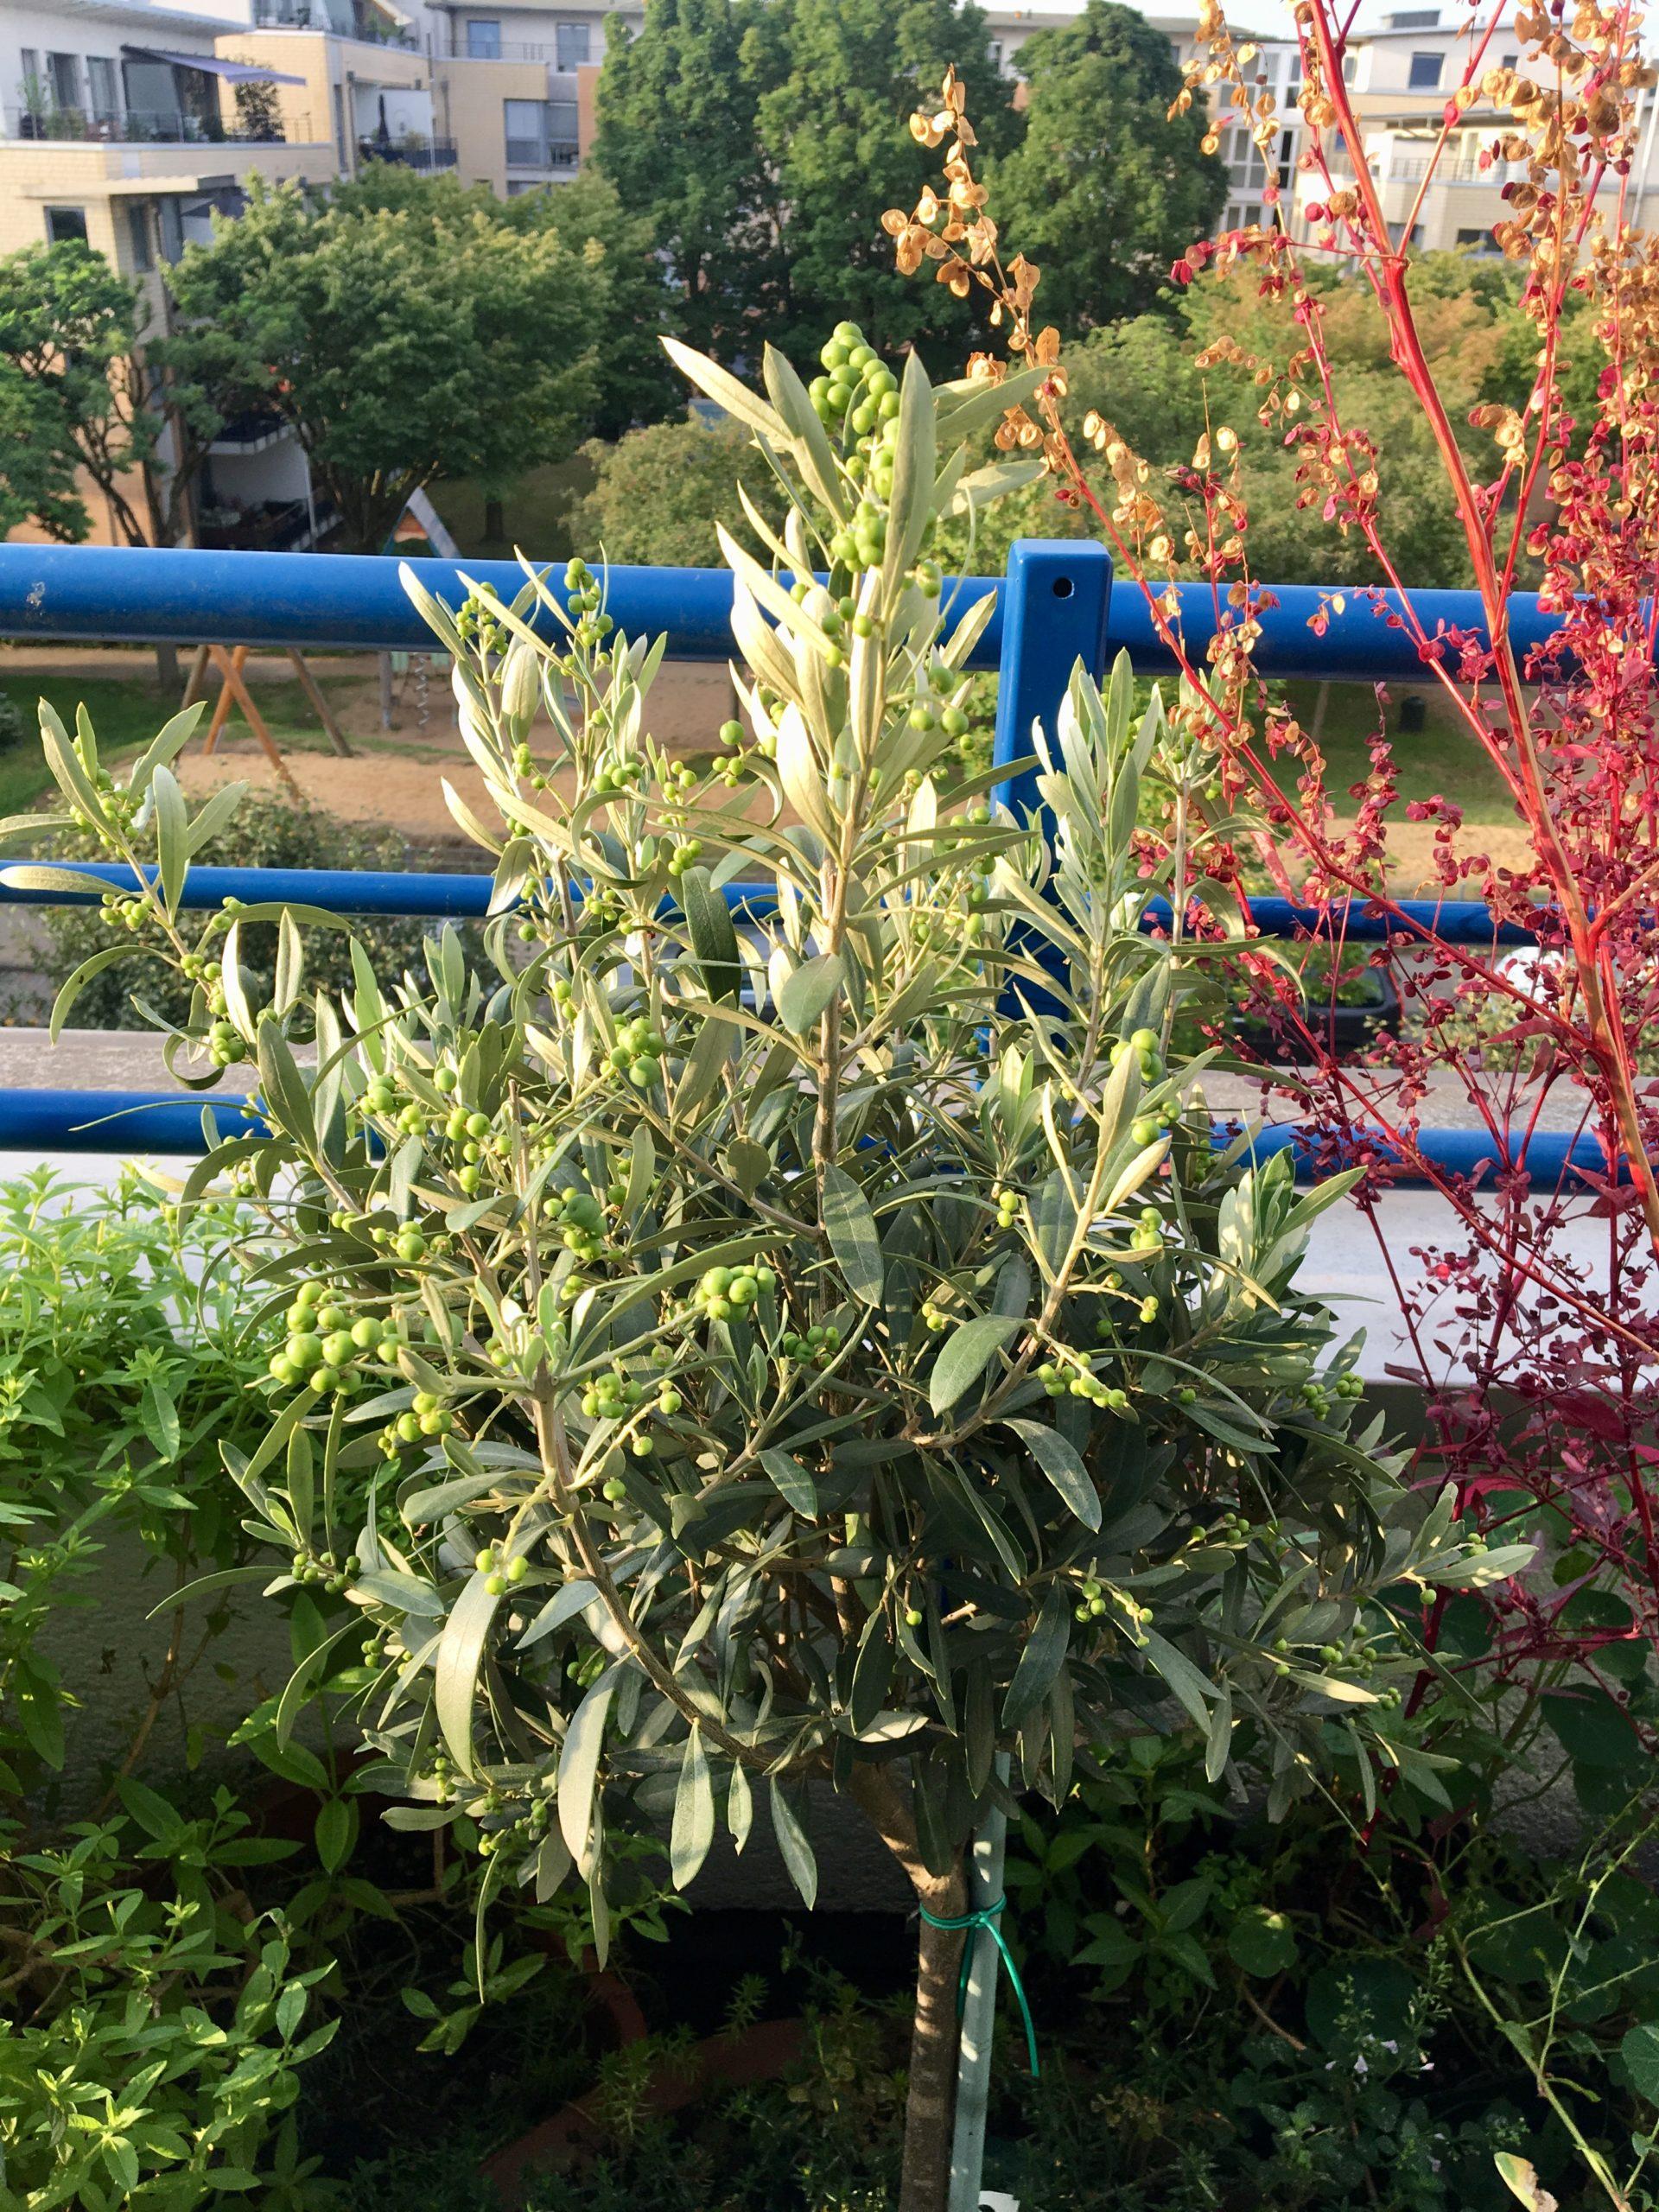 Auf einem Kölner Balkon: Olivenbäumchen (Blätter für Tee), rote Melde (bildet gerade Saatgut für die nächste Saison), Kräuter